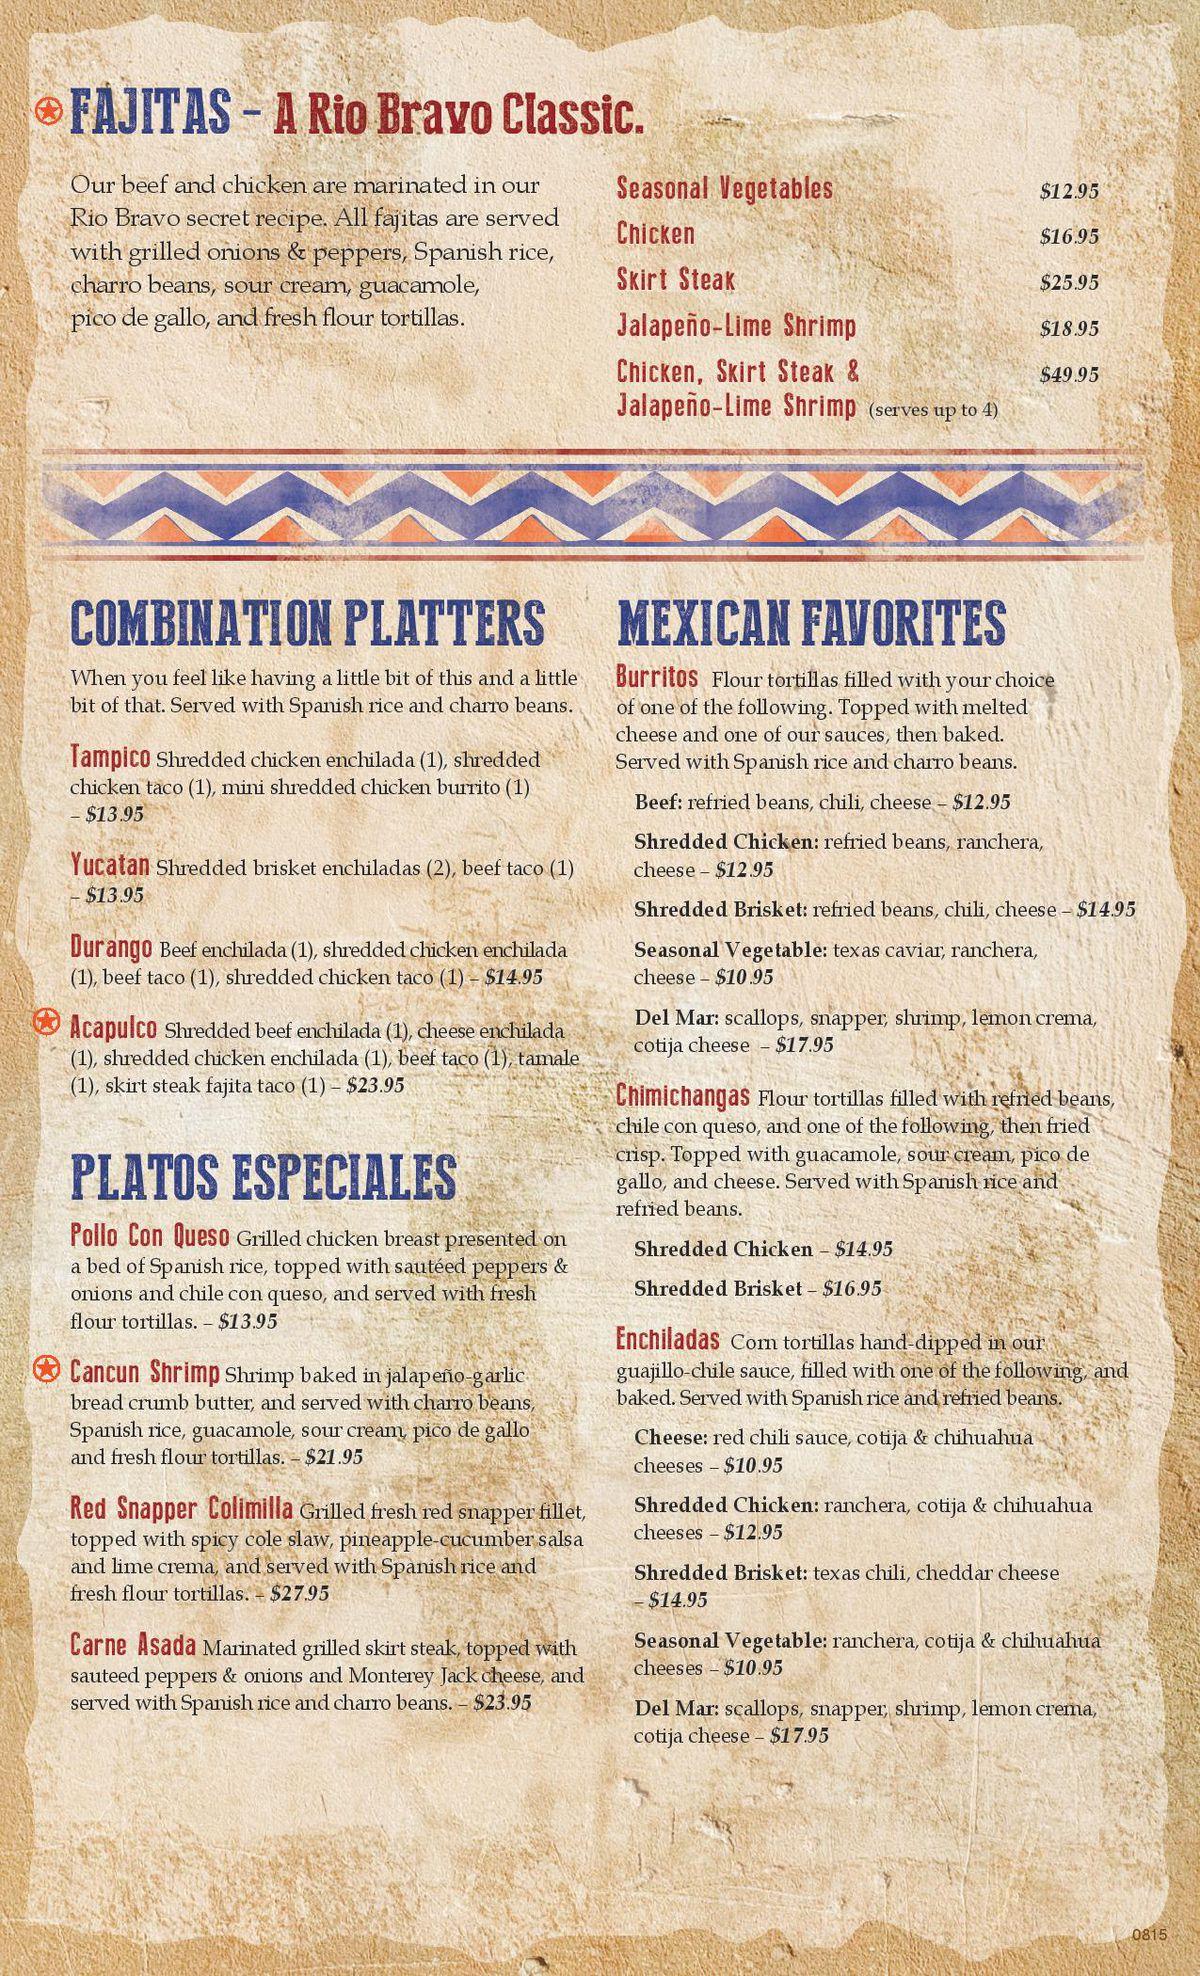 Ray's Rio Bravo menu 3